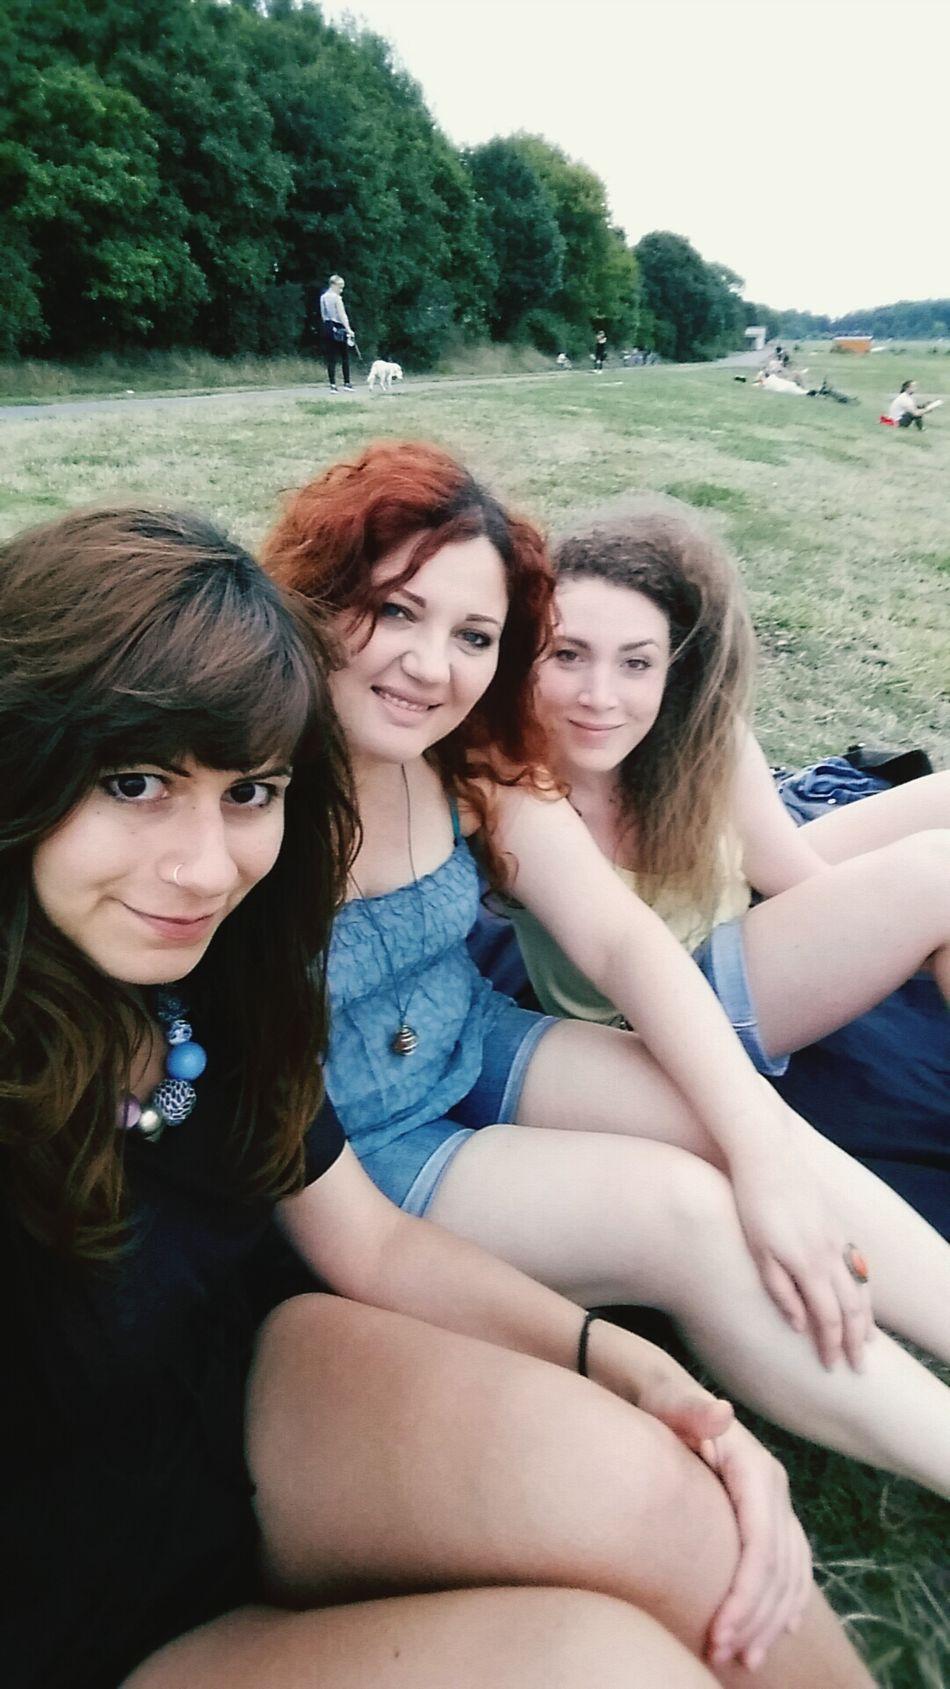 Friends Tempelhofer Feld Graziagraziellaegraziealcazzo Amichette Belle